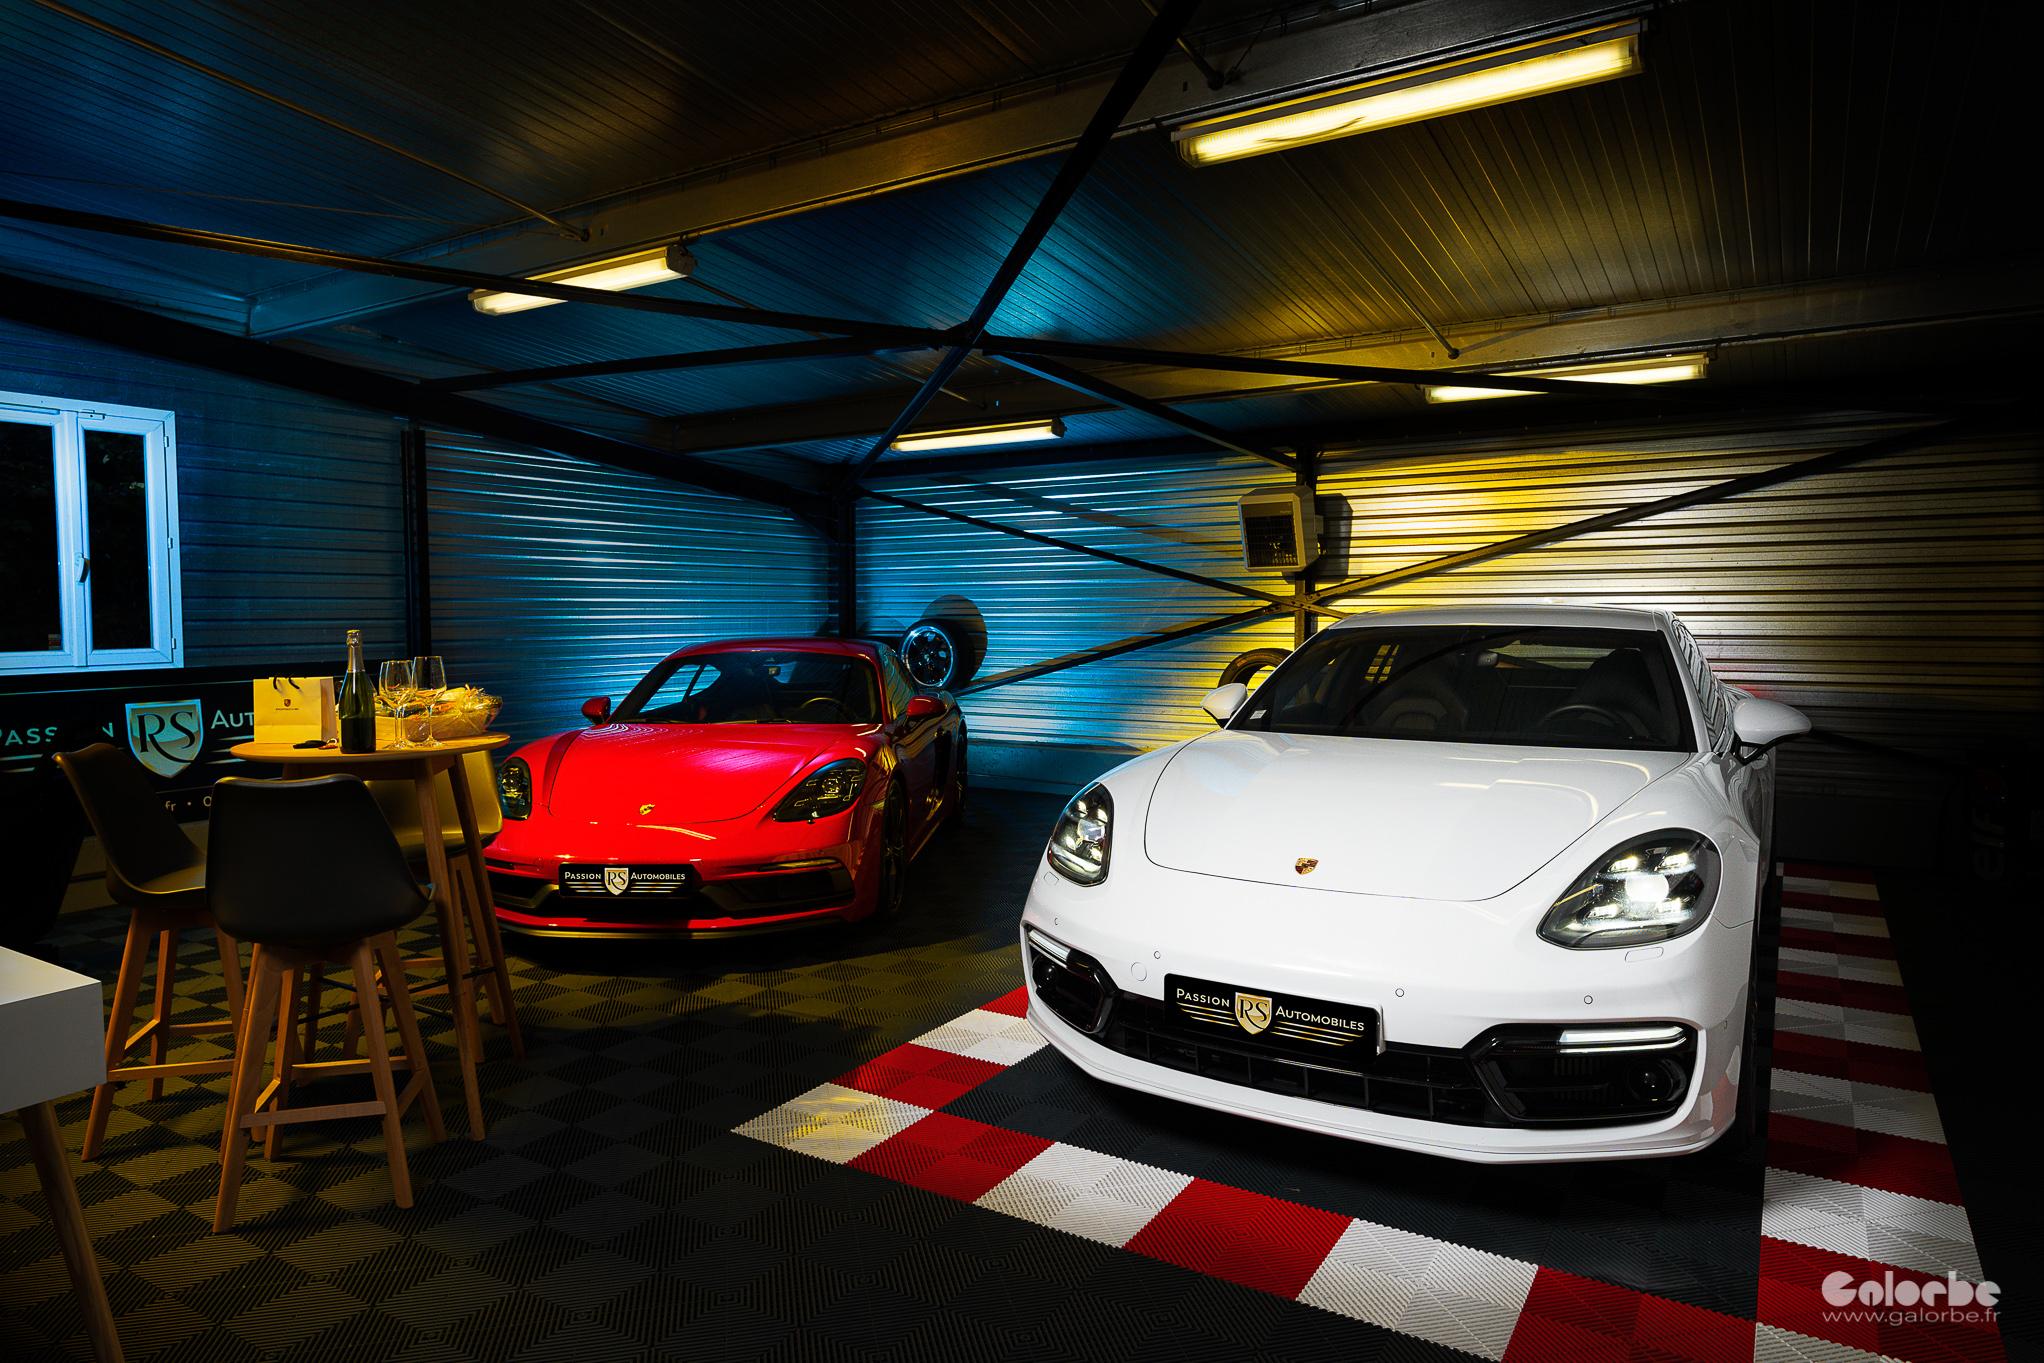 Passion RS Automobile